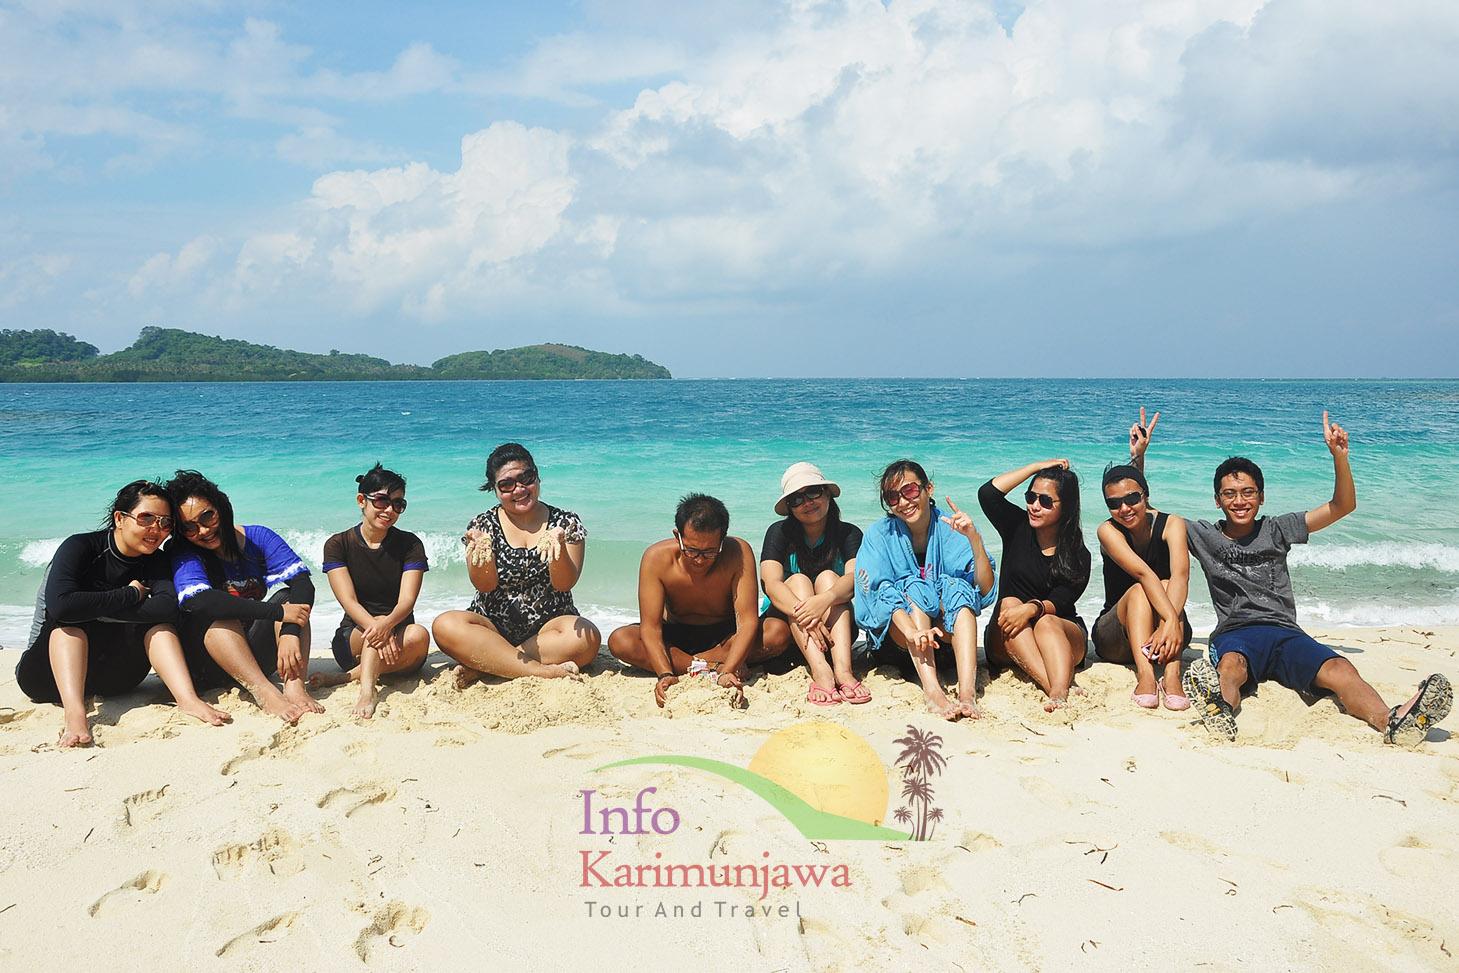 Paket Wisata Karimunjawa Karimunjawa Tour And Travel